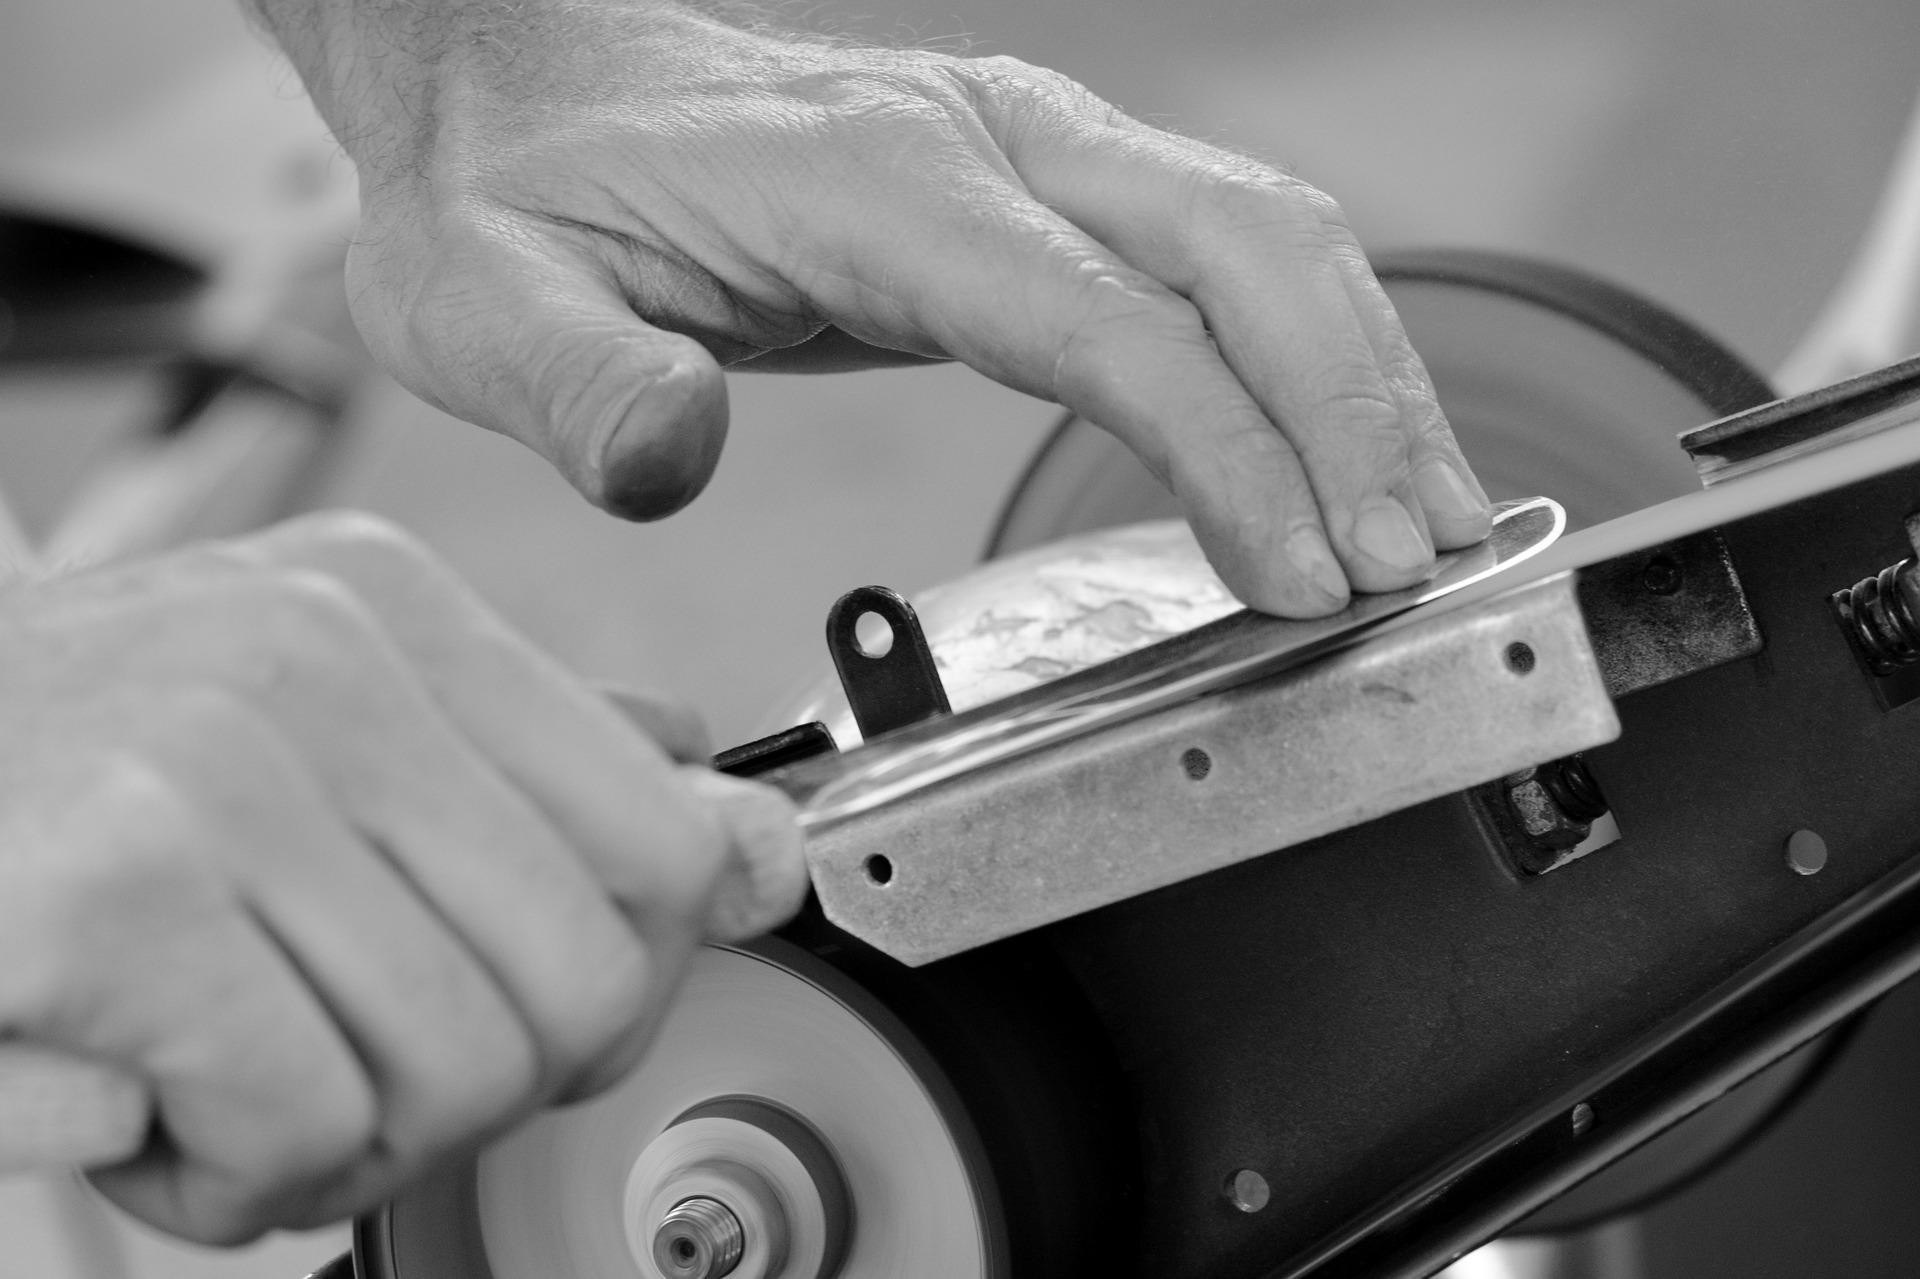 Sozialkassenverfahren des Baugewerbes - und die unwirksamen Allgemeinverbindlichkeitserklärungen